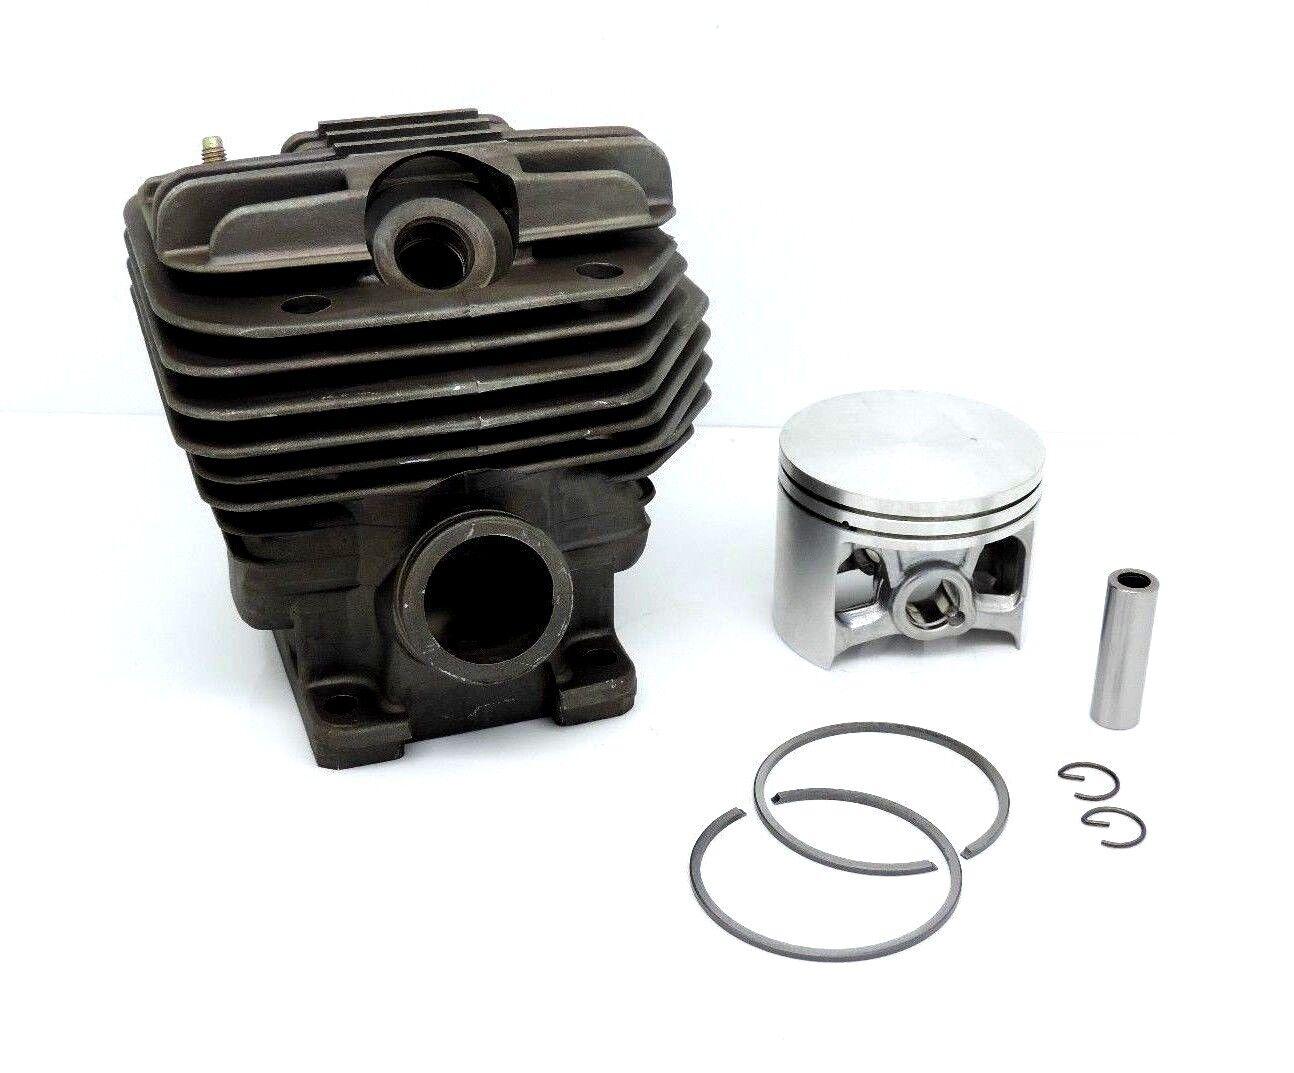 Hyway Zylinder & Kolben Set (56mm) für für für Stihl MS661 Kettensägen 1144 020 1200 983297